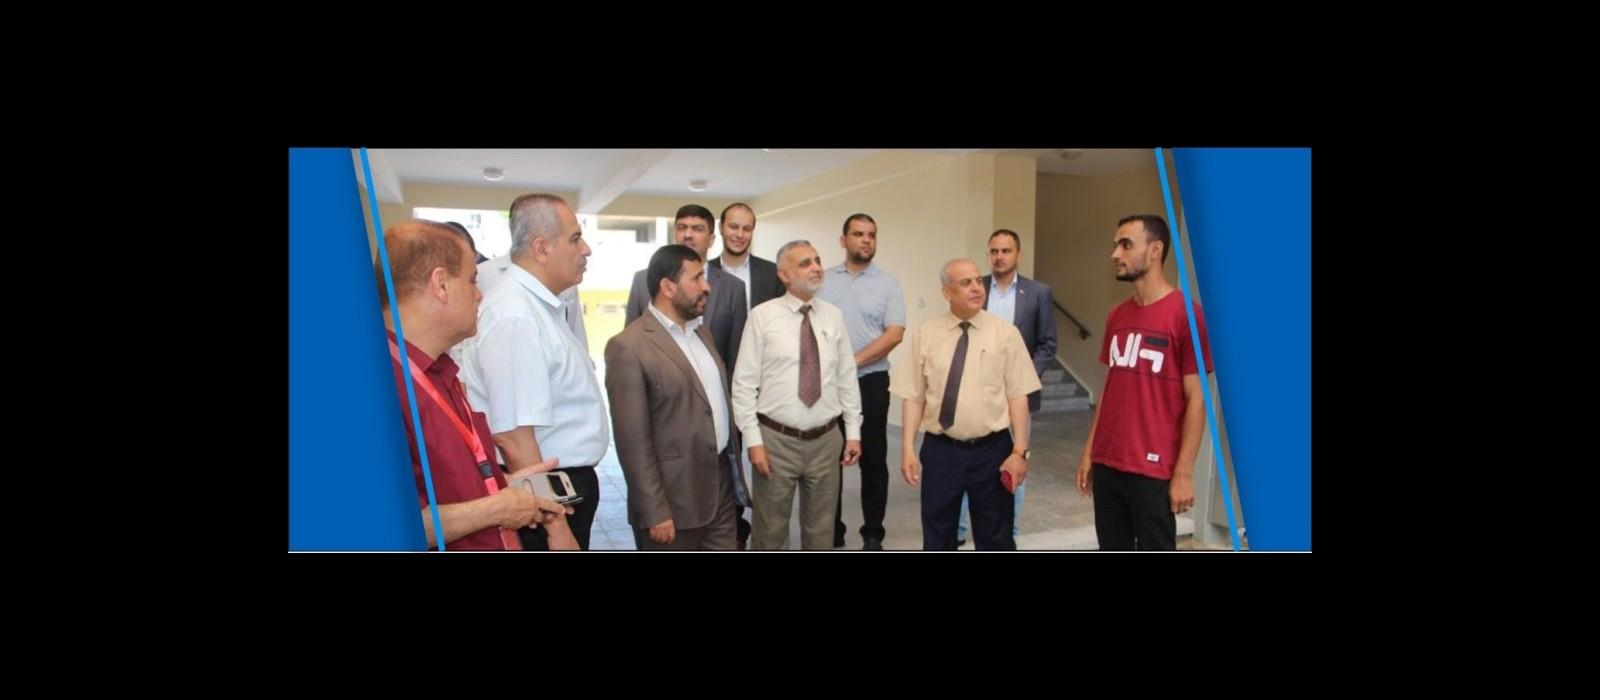 نائب رئيس مجلس الوزراء السابق د. محمد عوض يتفقد مدرسة ثانوية الكويت برفح